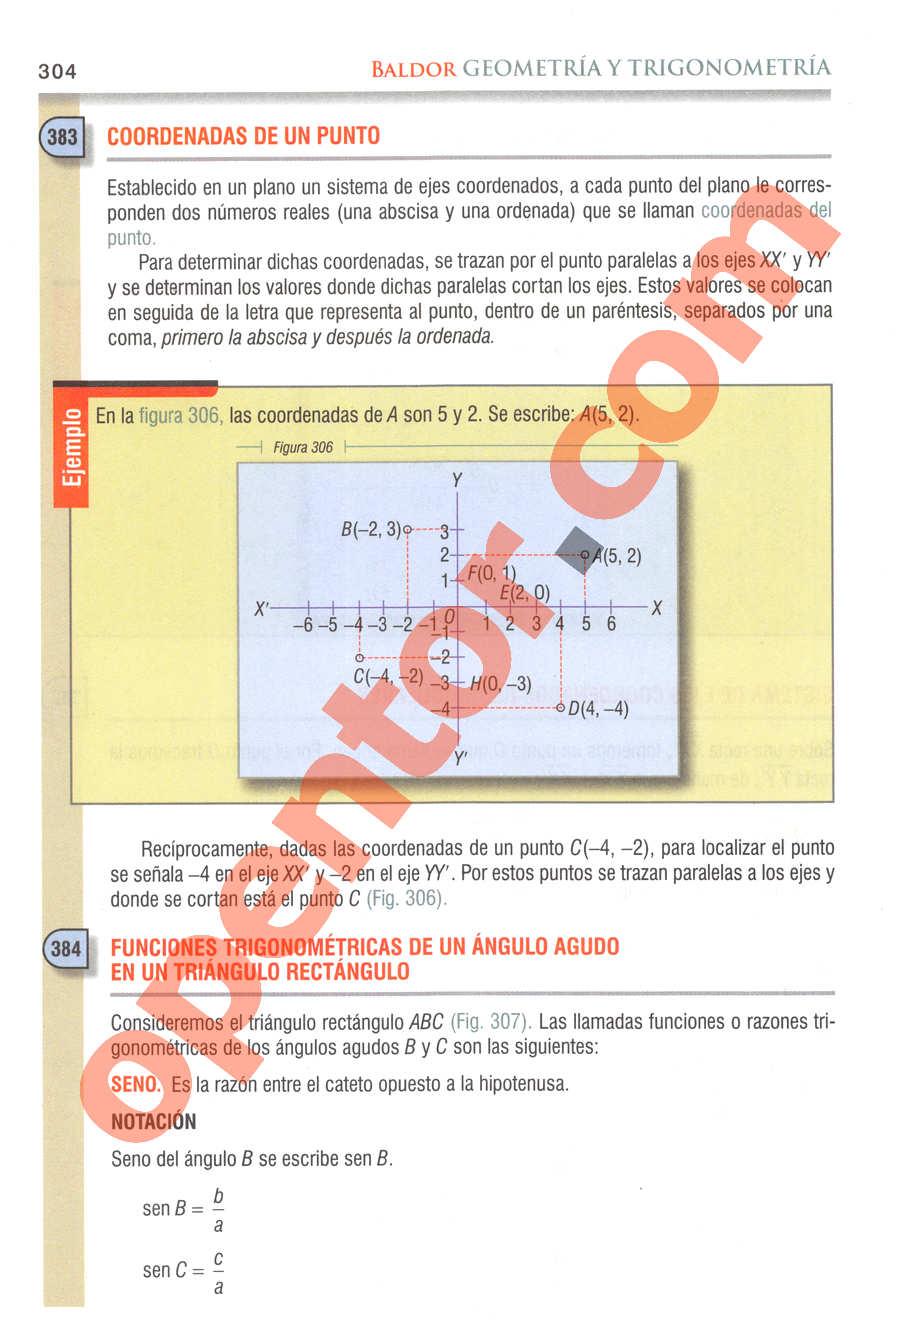 Geometría y Trigonometría de Baldor - Página 304